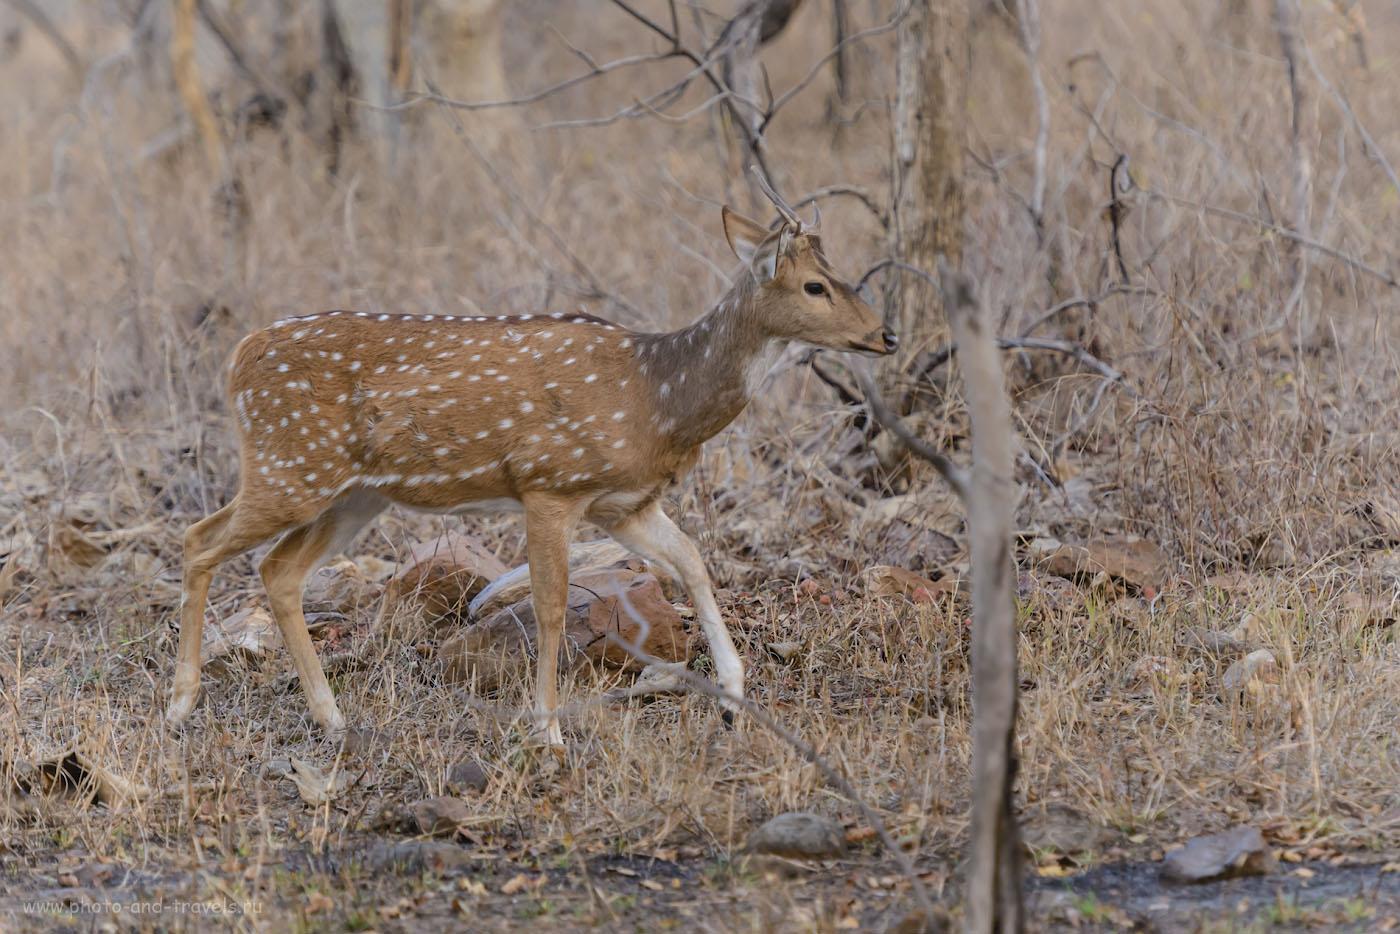 Фото 5. Это – либо молодой самец аксиса, либо четырехрогая антилопа. Отзыв о фотоохоте в заповеднике Panna National Park. 1/400, 4.0, 2000, 195.